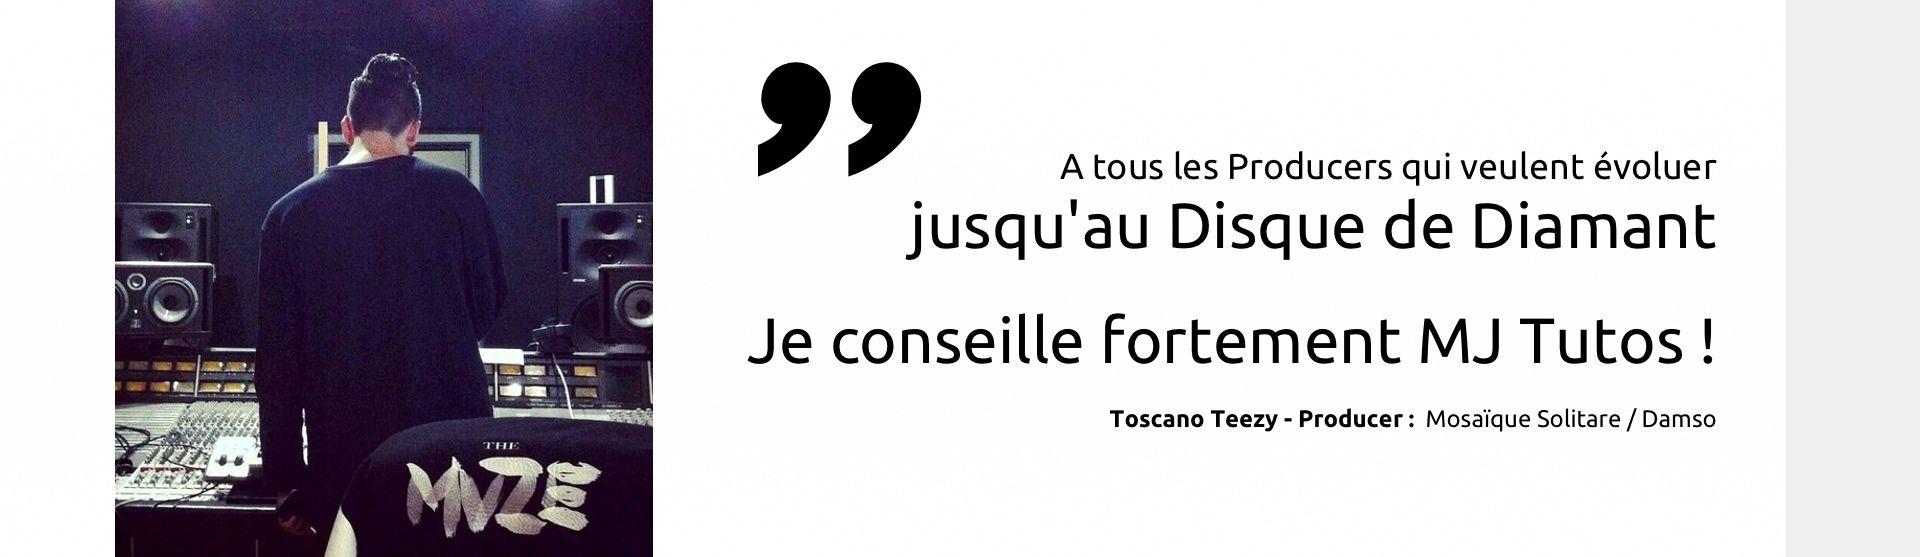 Toscano Teezy recommande MJ Tutoriels<span></span>